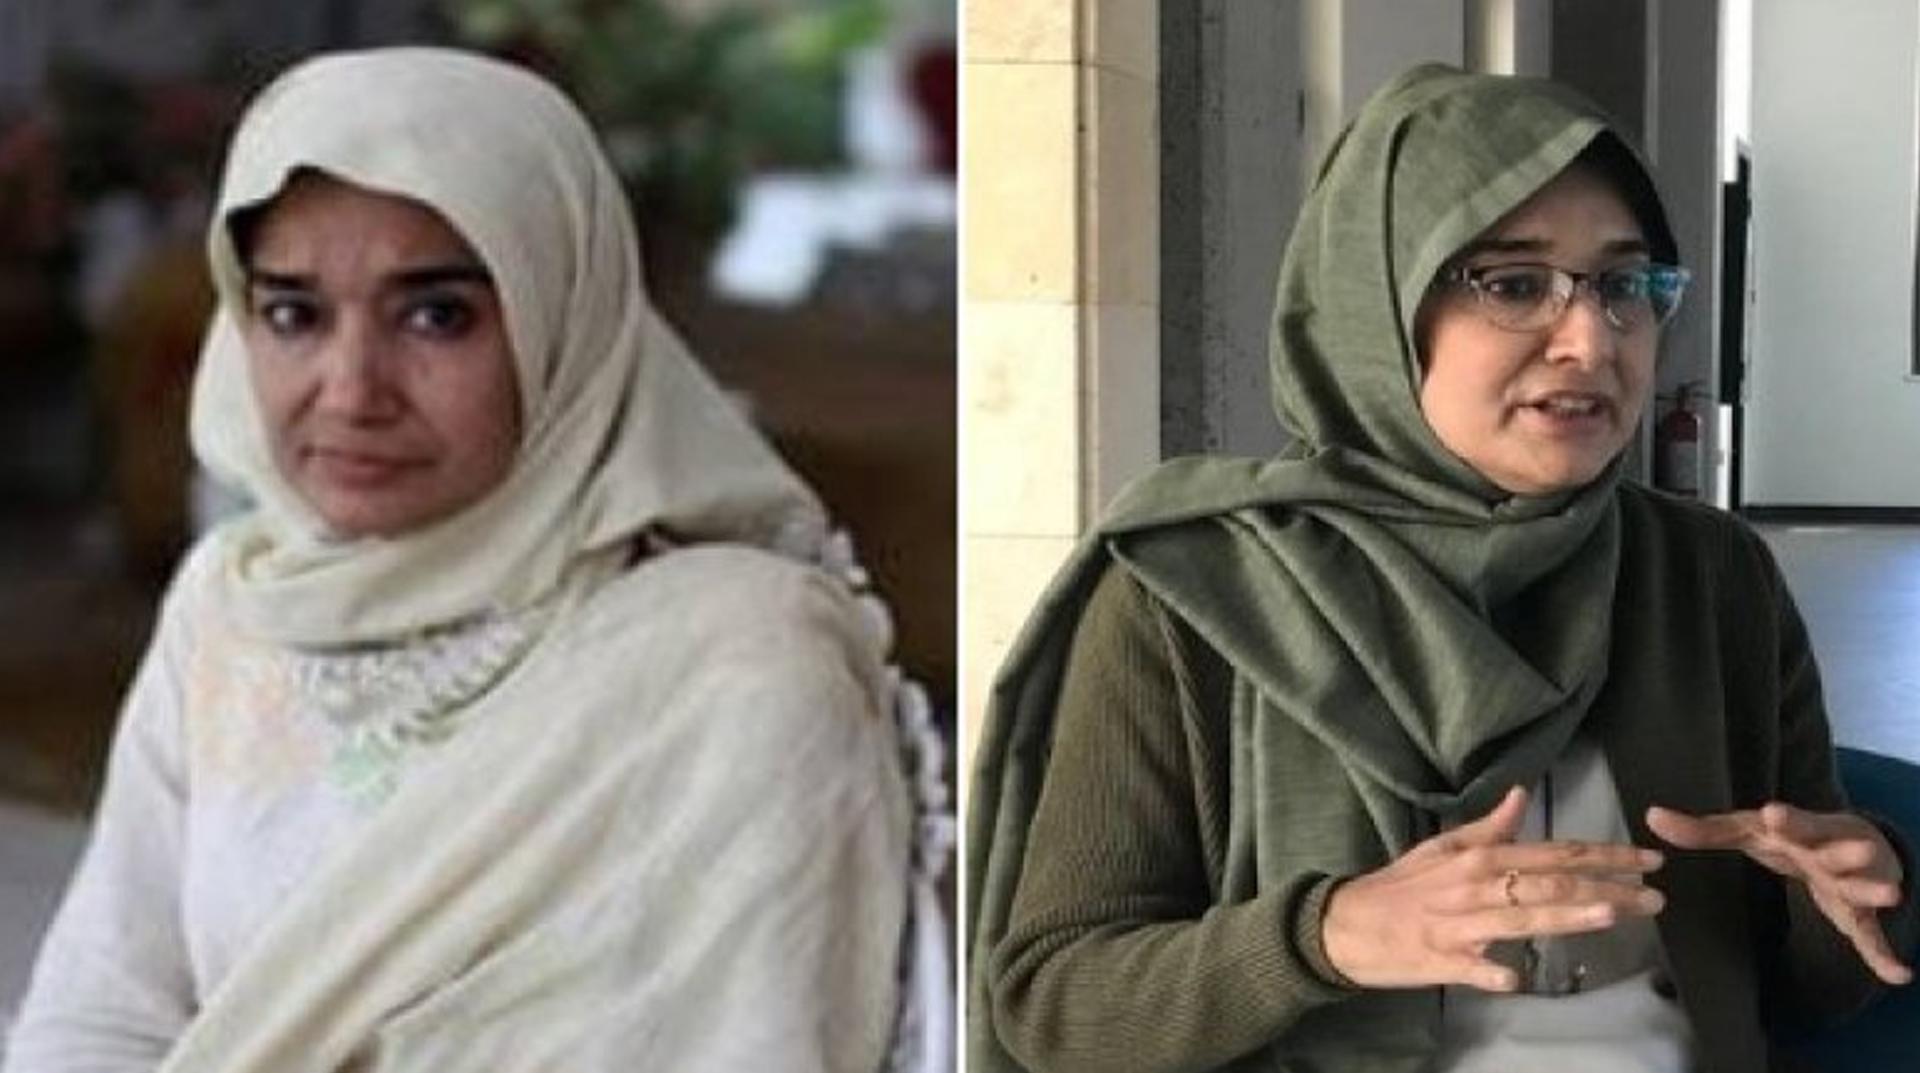 ABD'de tutuklu bilim kadını Afiye Sıddıki'nin feryadı: Dünya üzerinde beni kurtaracak bir müslüman yok mu?